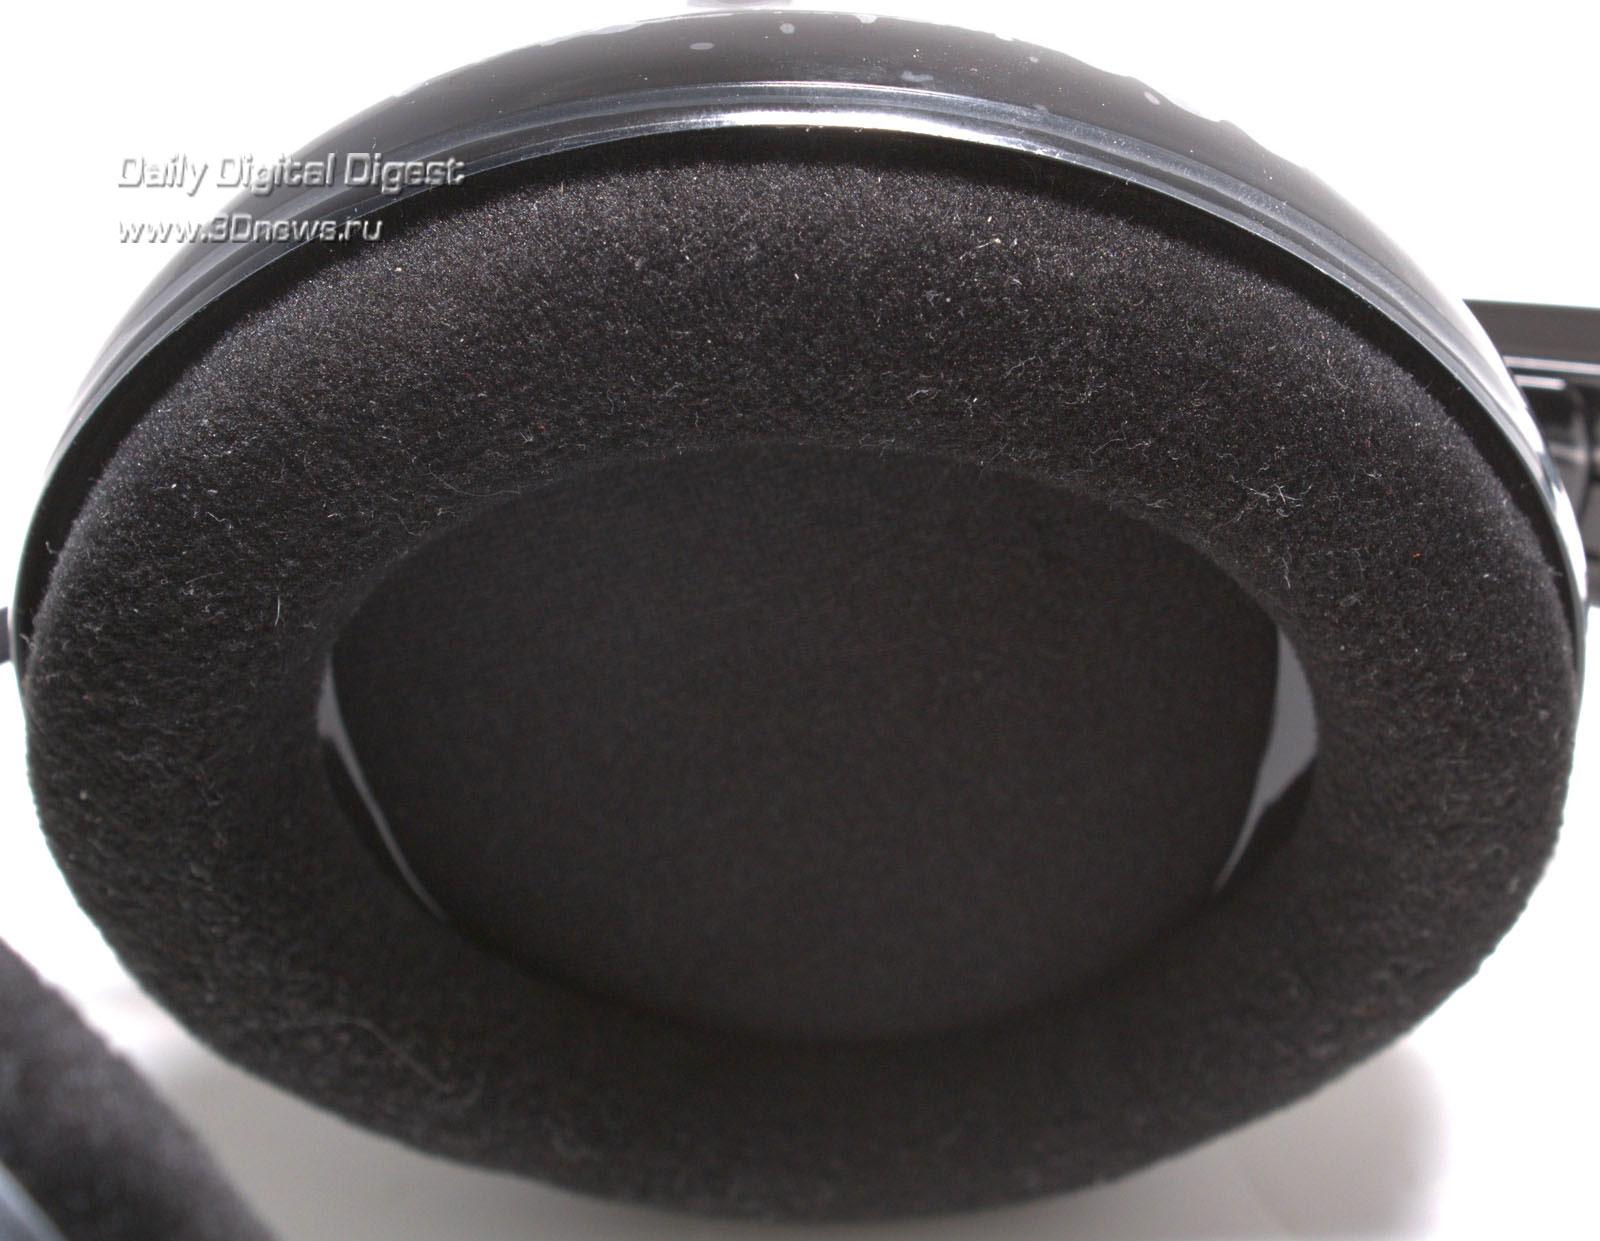 Коврик игровой Genius GX-Speed P100 текстурированная ткань 355 х 254 мм с толщиной 3mm